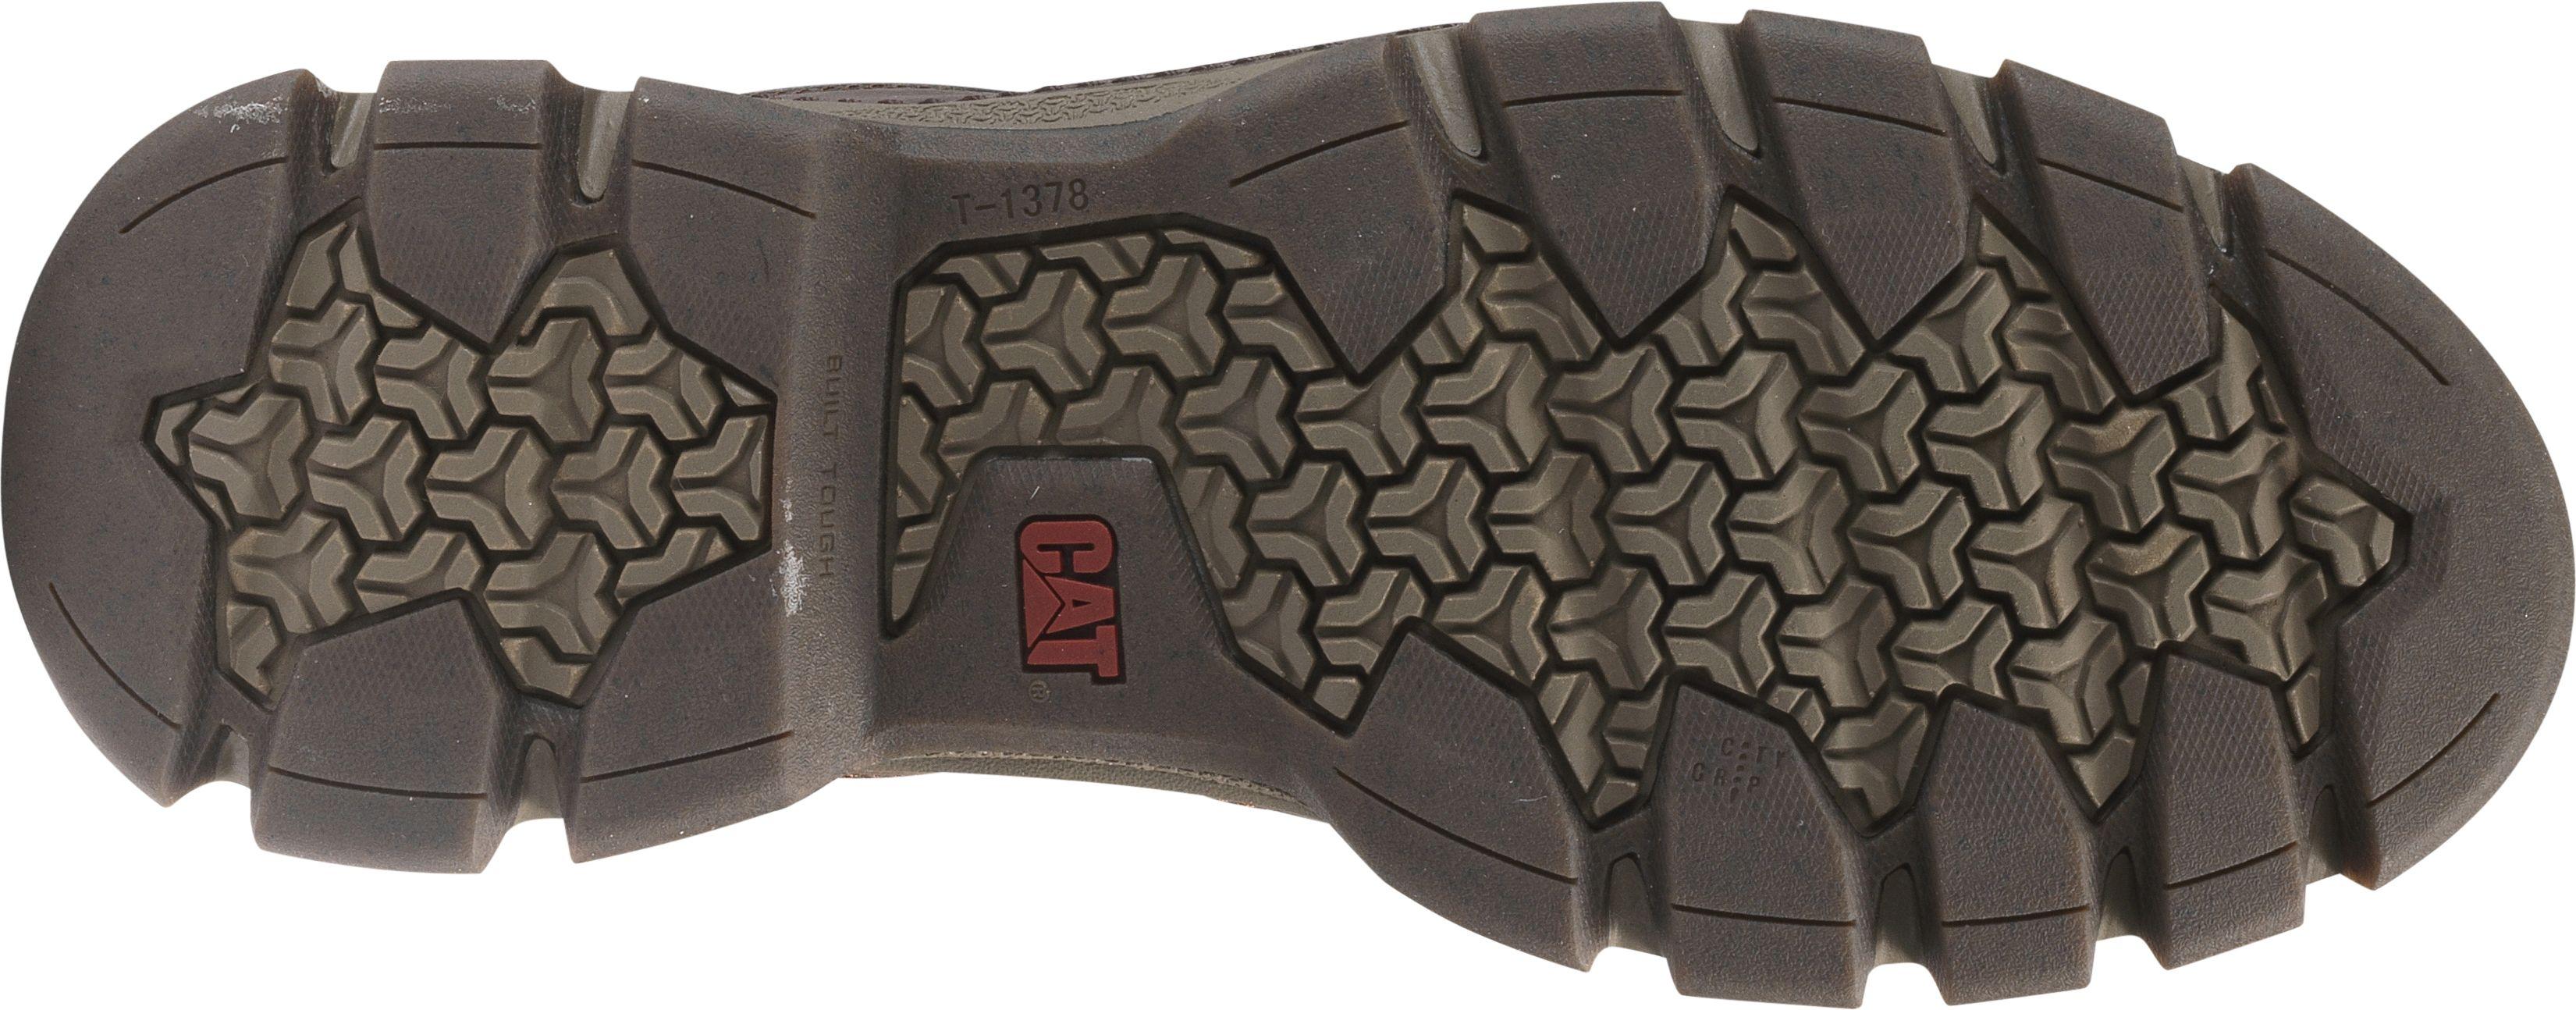 miniature 11 - CAT-CATERPILLAR-Ajax-en-Cuir-Sneakers-Tous-les-Jours-Chaussures-Hommes-Nouveau